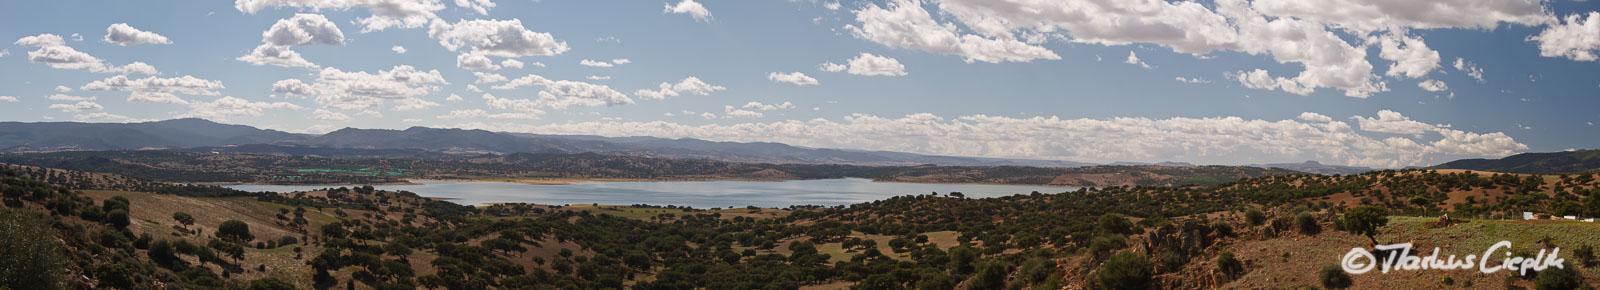 20110920_122806_Sardinien_2572-Panorama.jpg